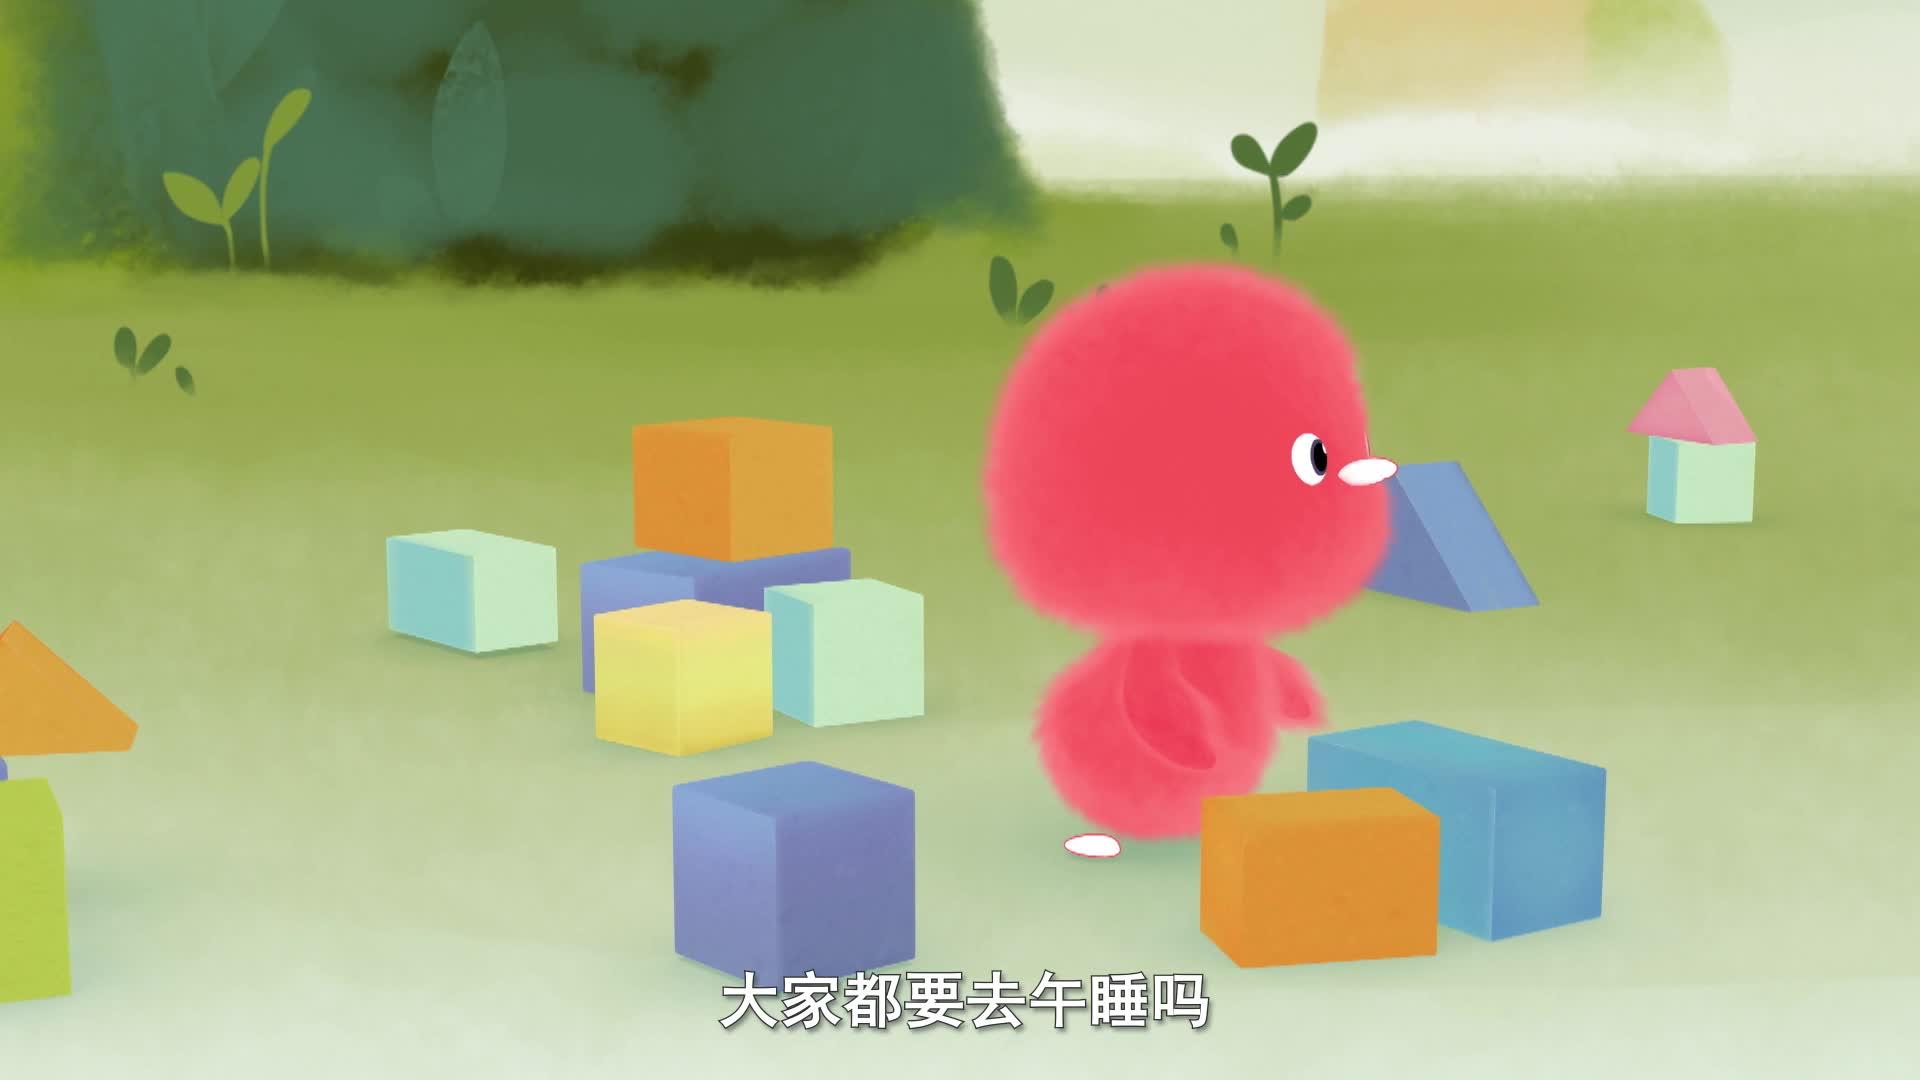 《小鸡彩虹》第七季 11睡不着